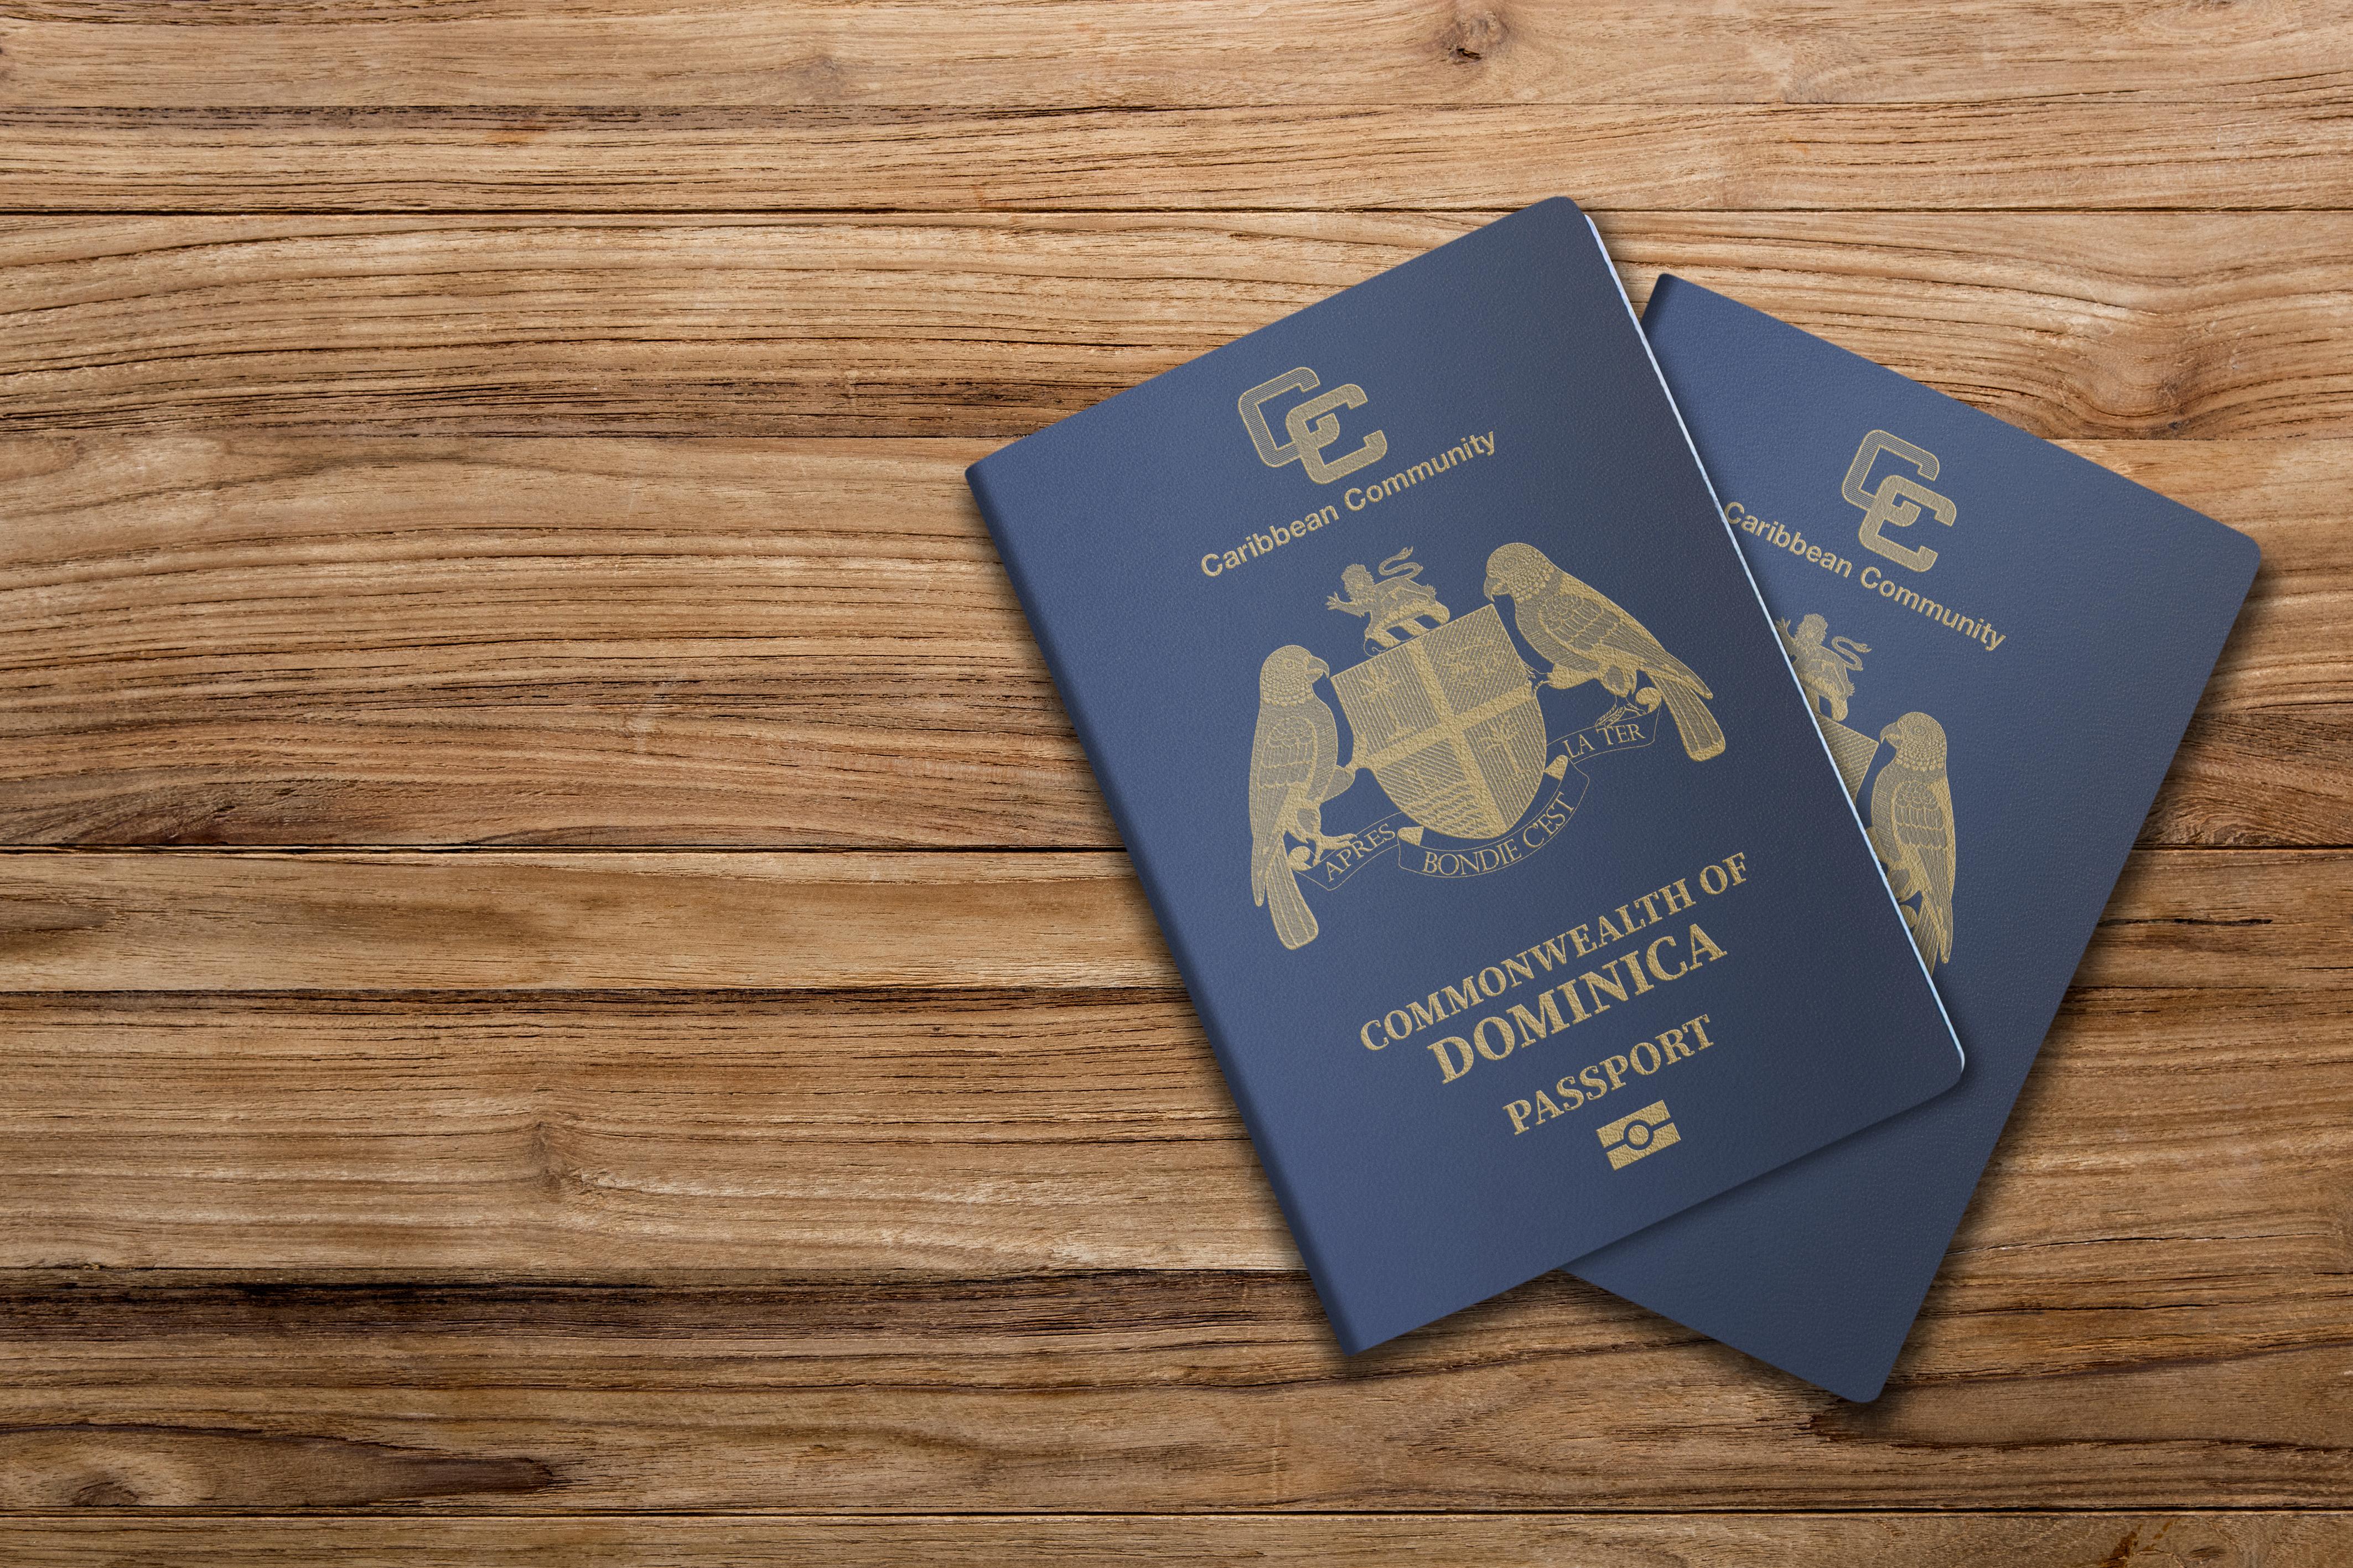 Паспорта Доминики, гражданство которой могут получить россияне, украинцы и белорусы